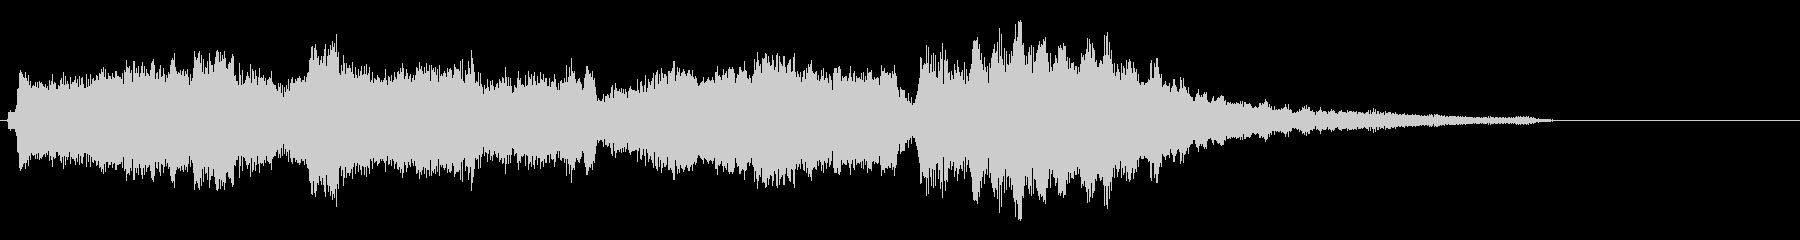 弦楽四重奏によるクラシカルなサウンドロゴの未再生の波形